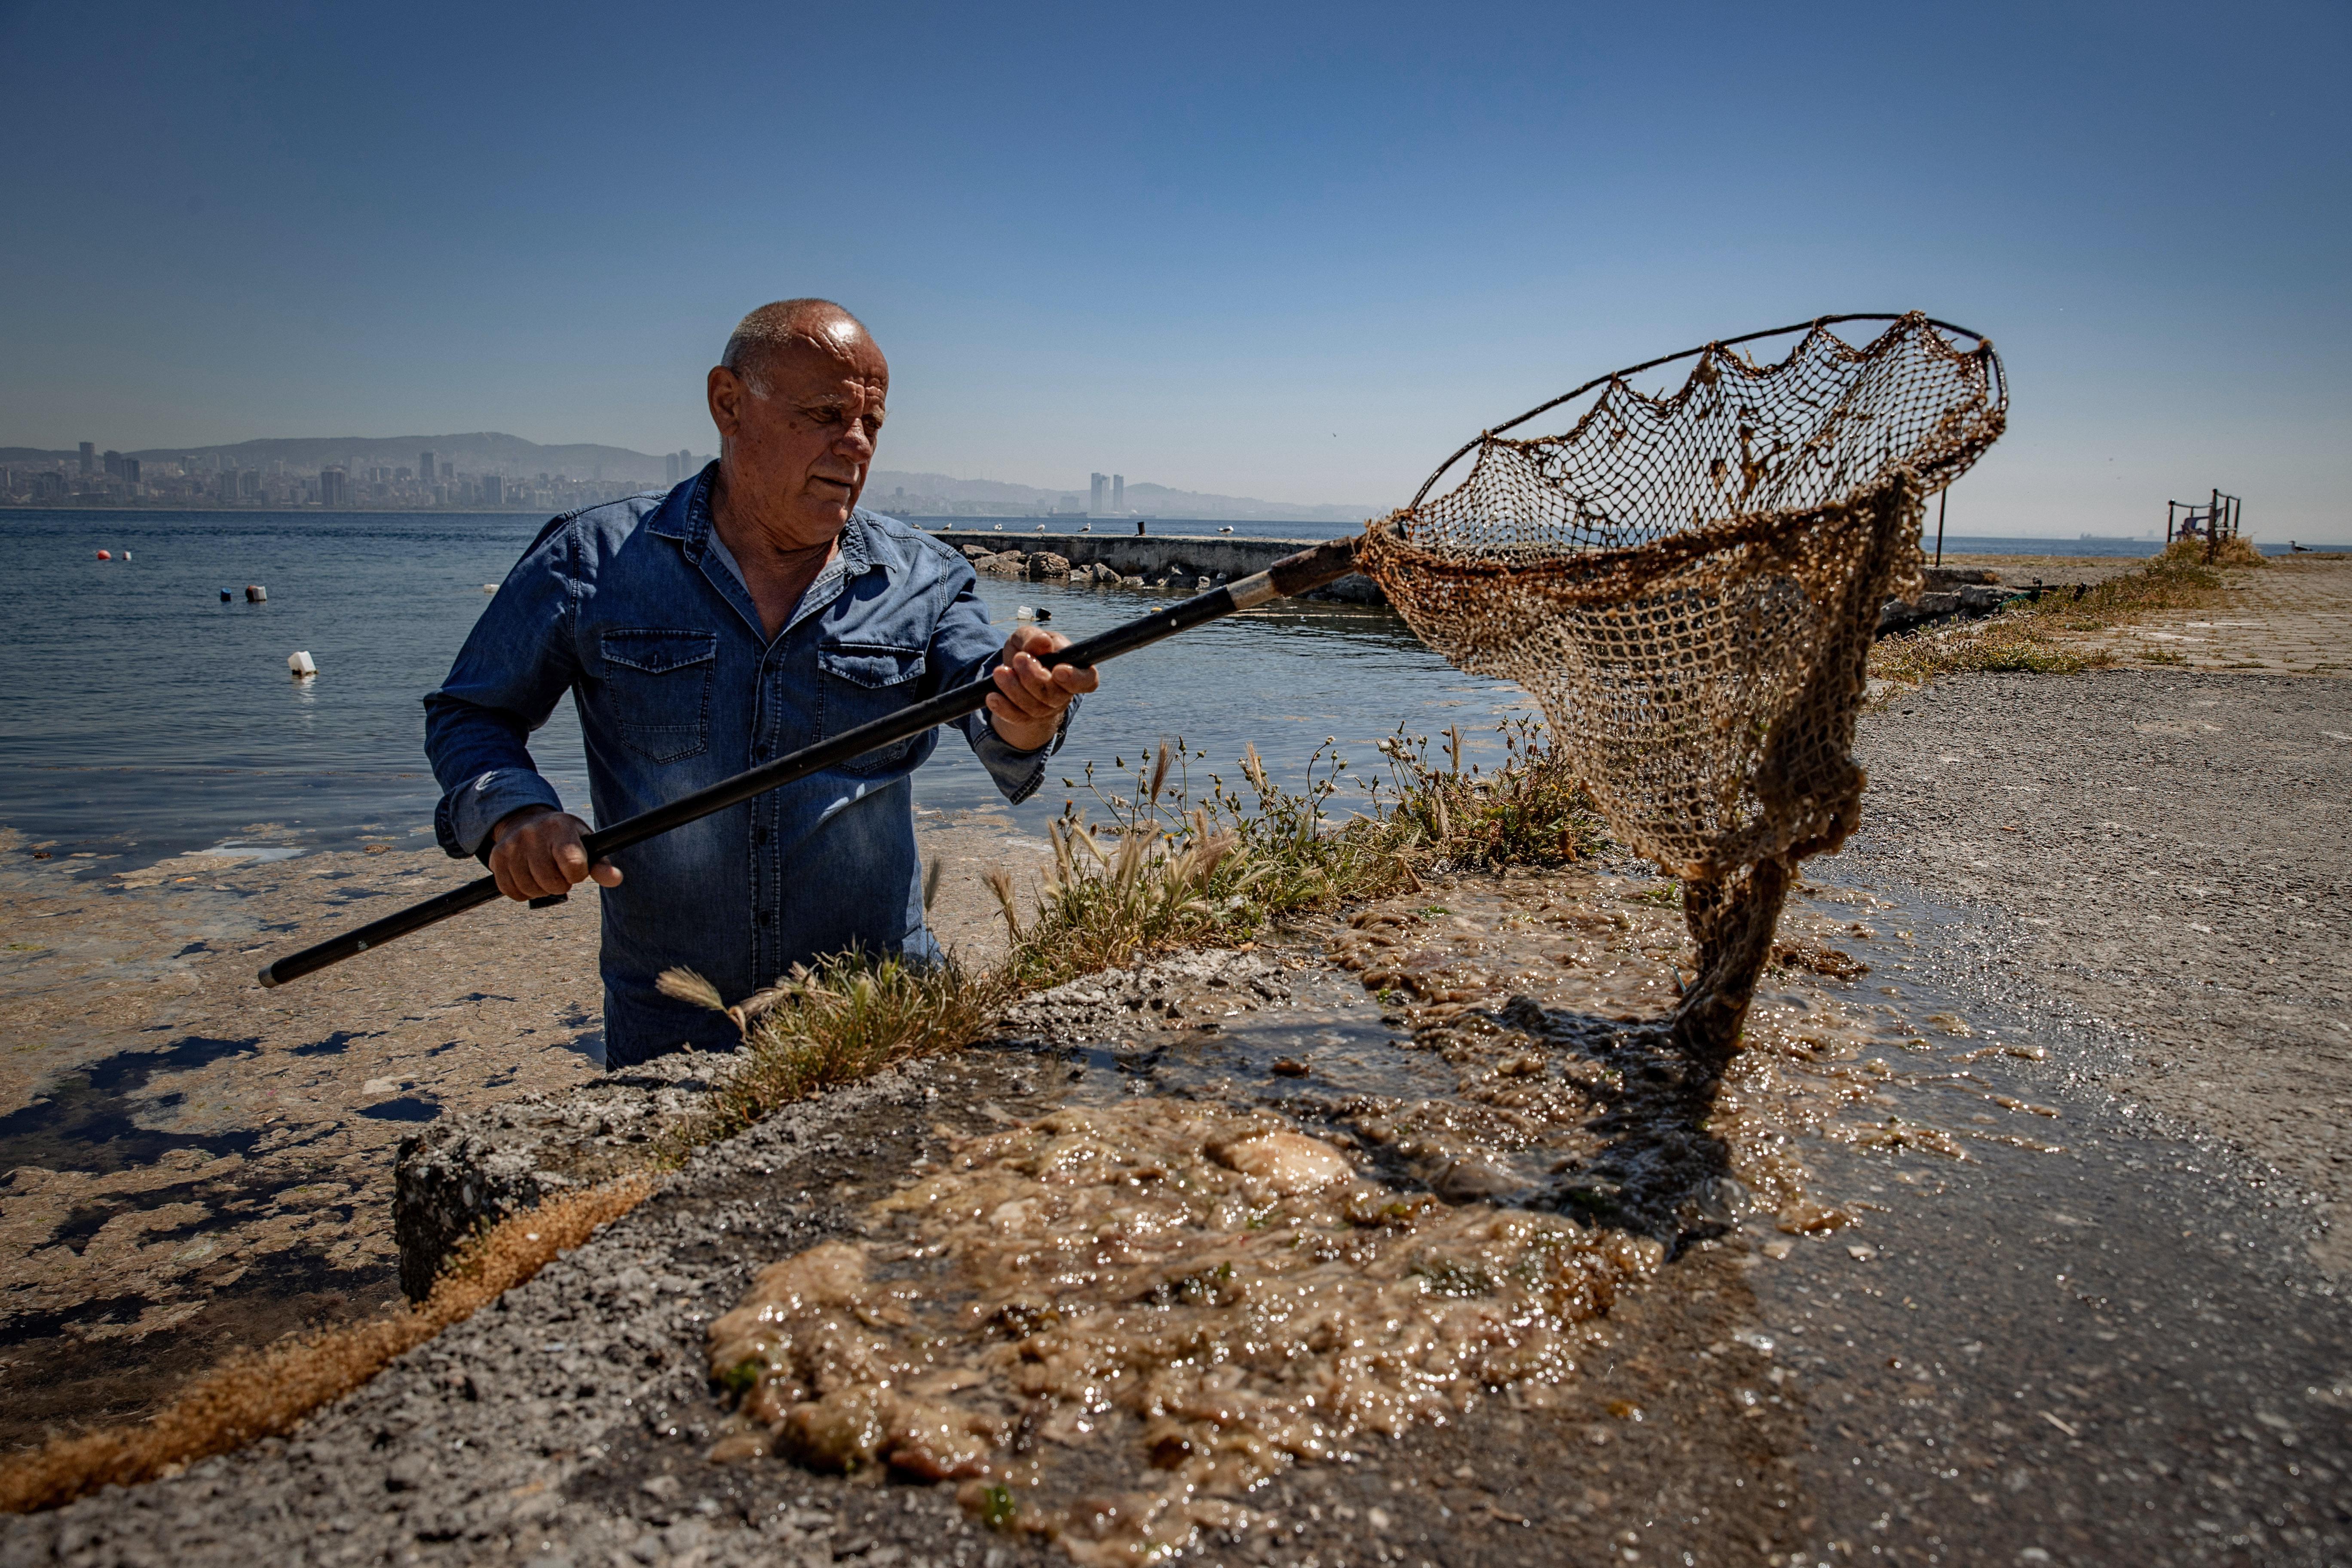 На Крым идёт слизь из Турции: Что будет с курортным сезоном на Чёрном море